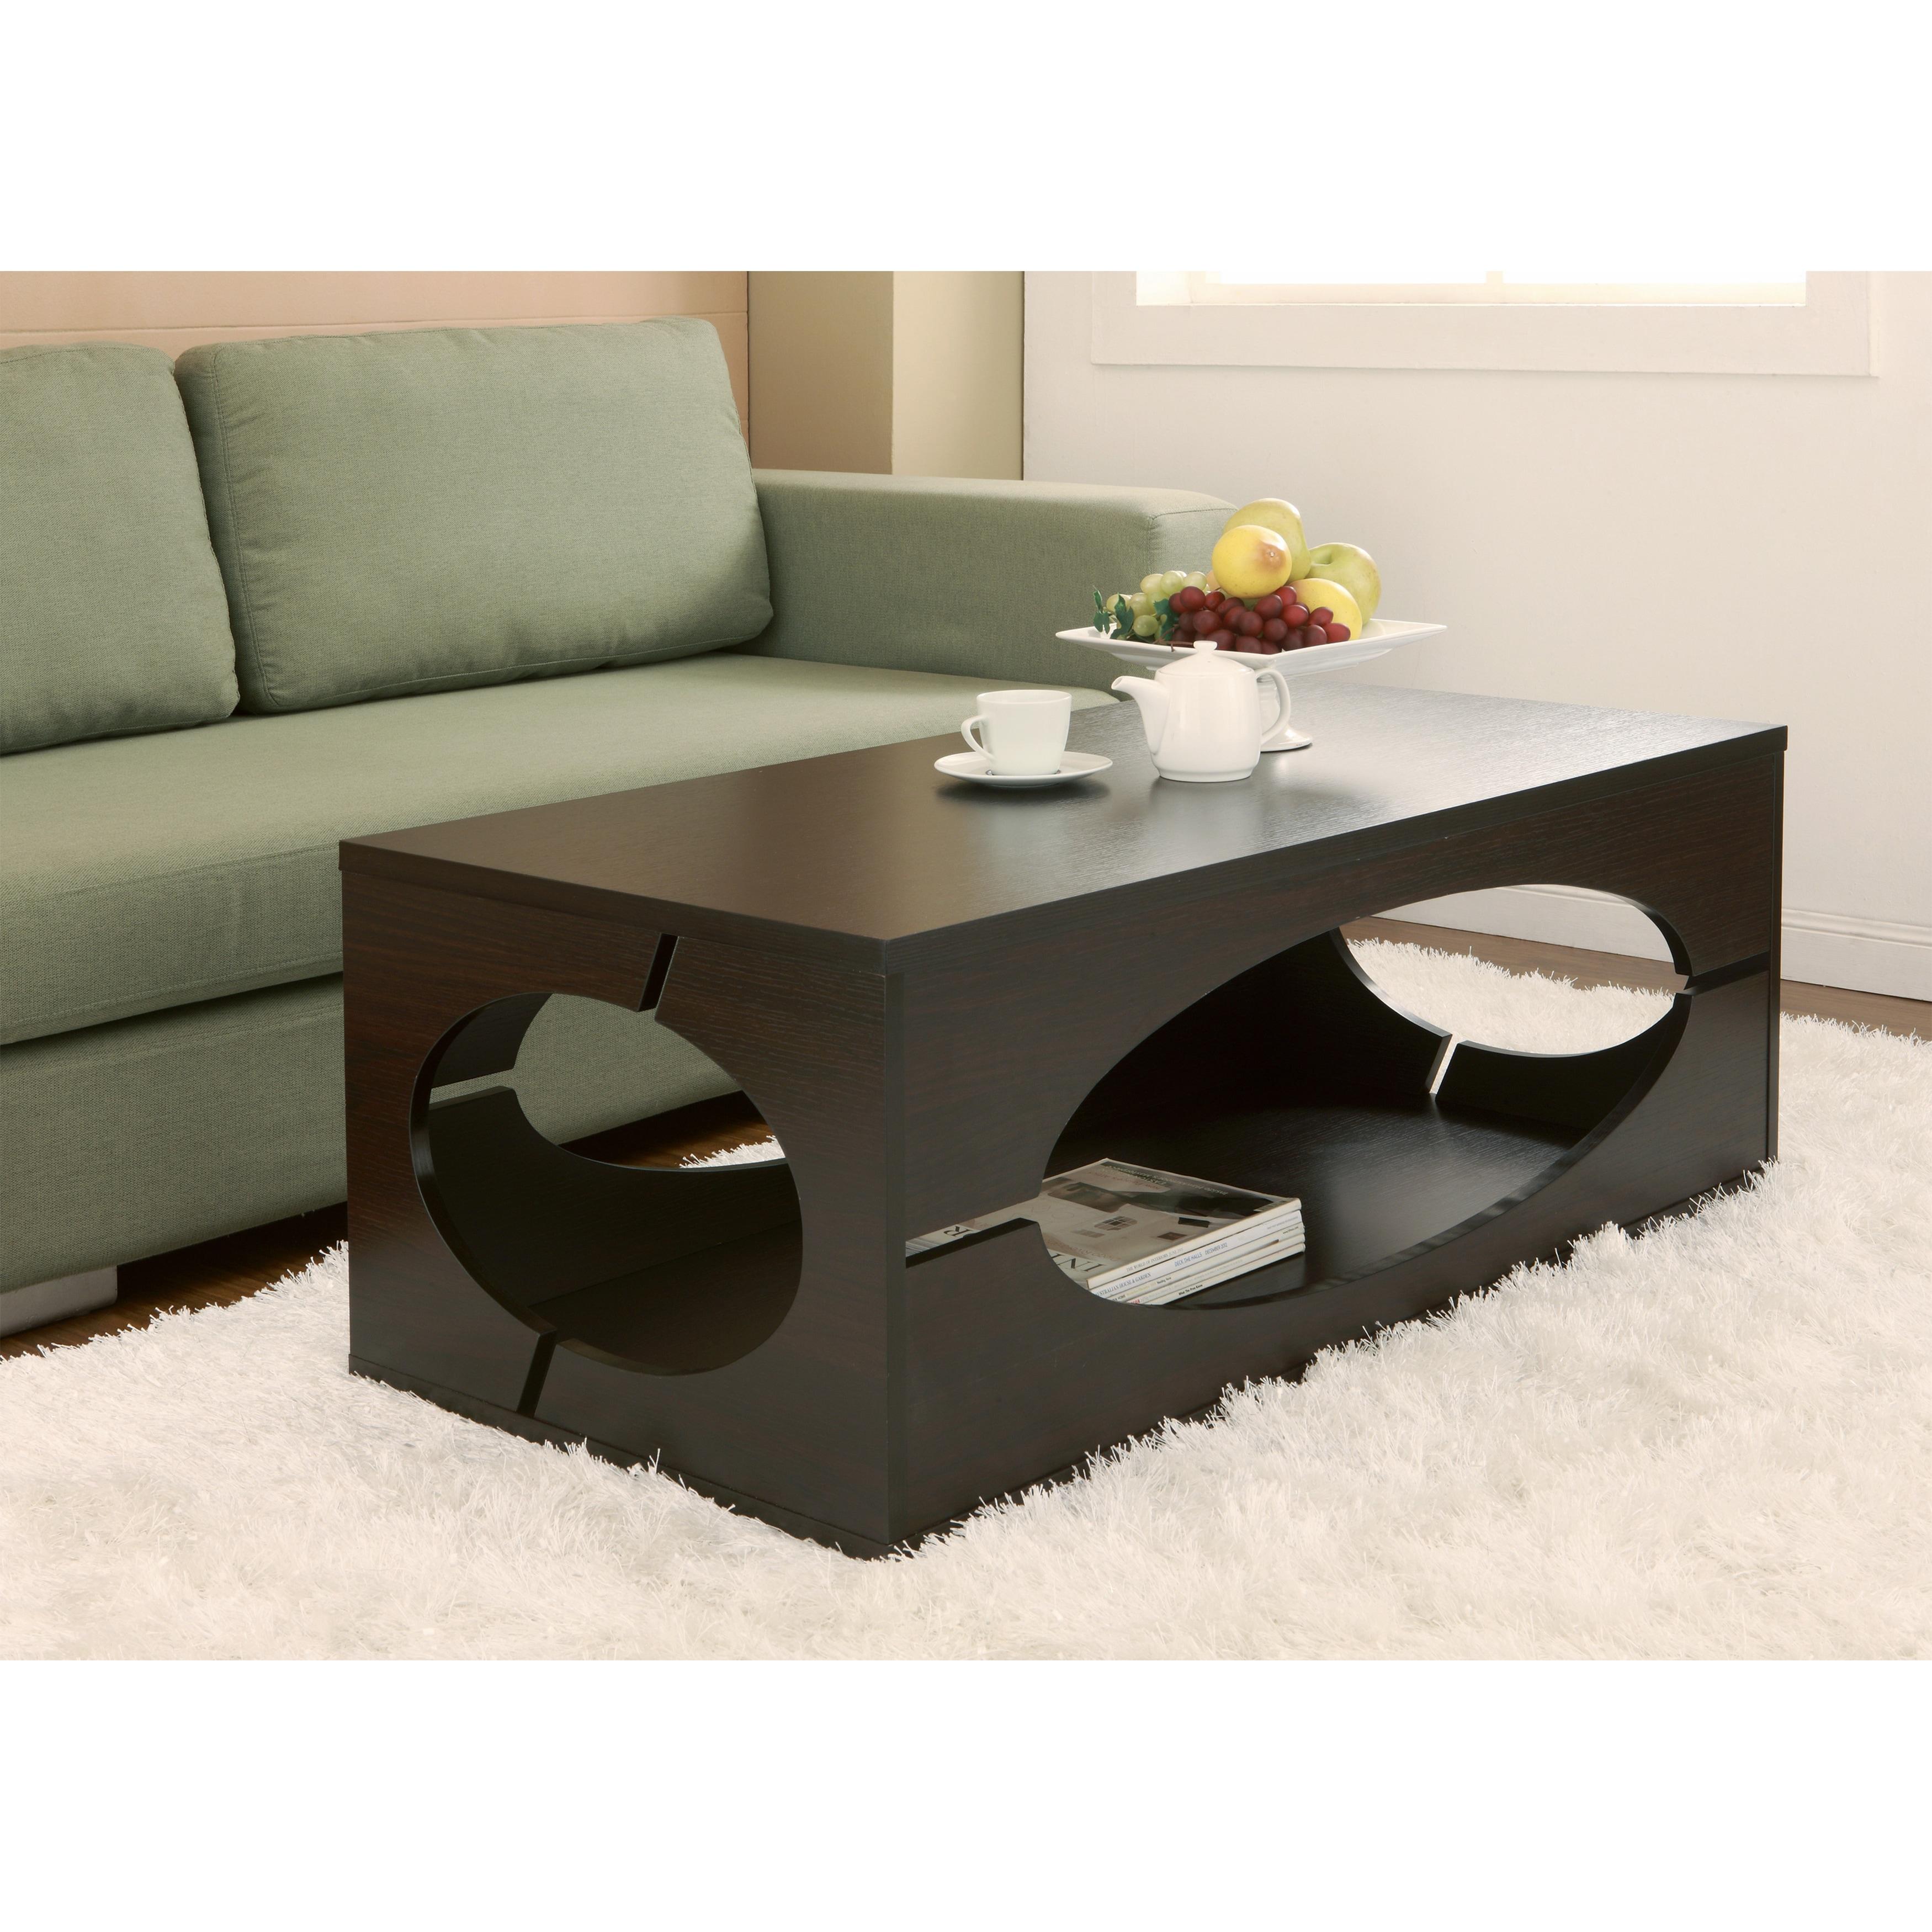 Muebles De Madera Unique Wood Furniture Collection En Novica  # Muebles Raros De Madera